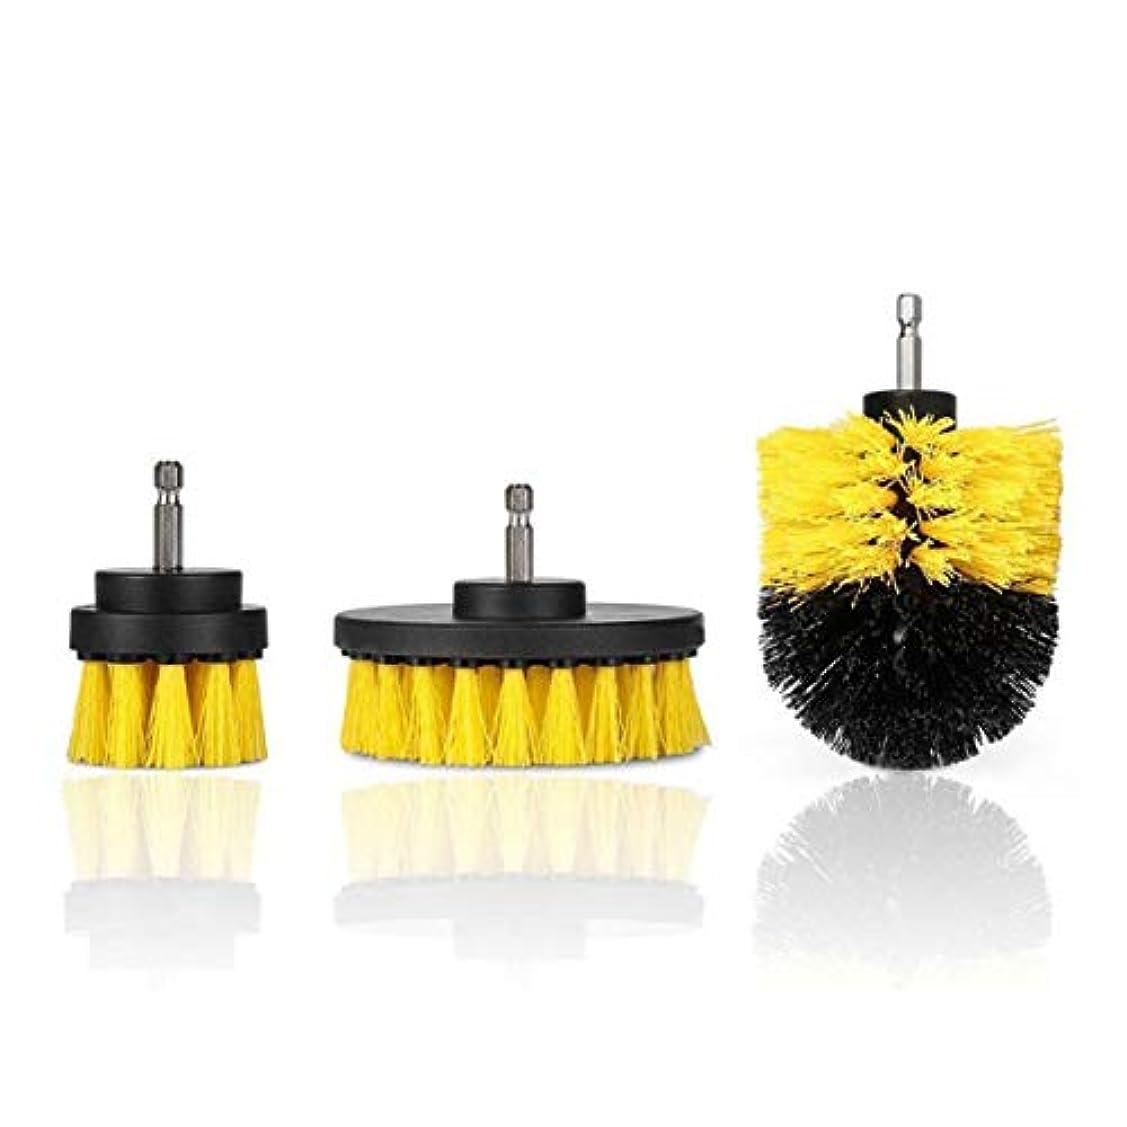 増幅器メトロポリタン紫のSaikogoods 3枚/セット 2 / 3.5 / 4インチ 多機能 Electrodrillクリーニングブラシ タイルグラウトパワースクラバー クリーニングドリルブラシ 浴槽クリーナー 黄